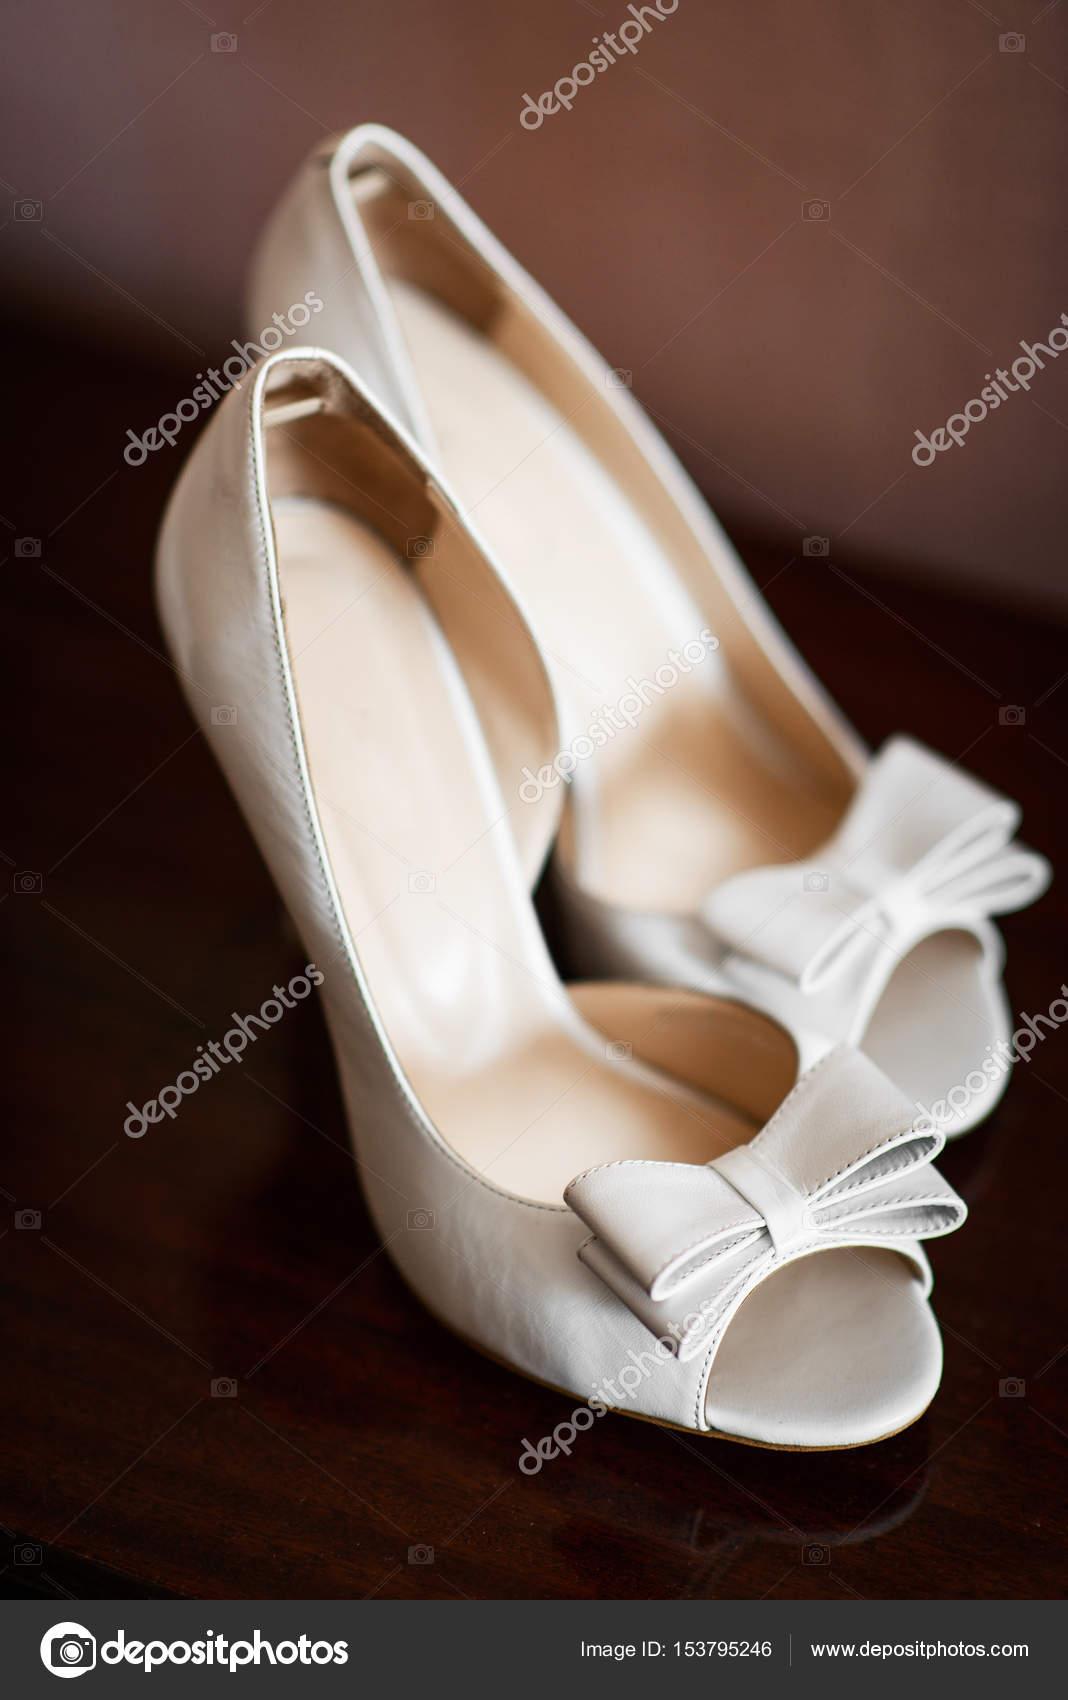 Moderne Hochzeitsschuhe Stockfoto C Shmelevanatalie 153795246